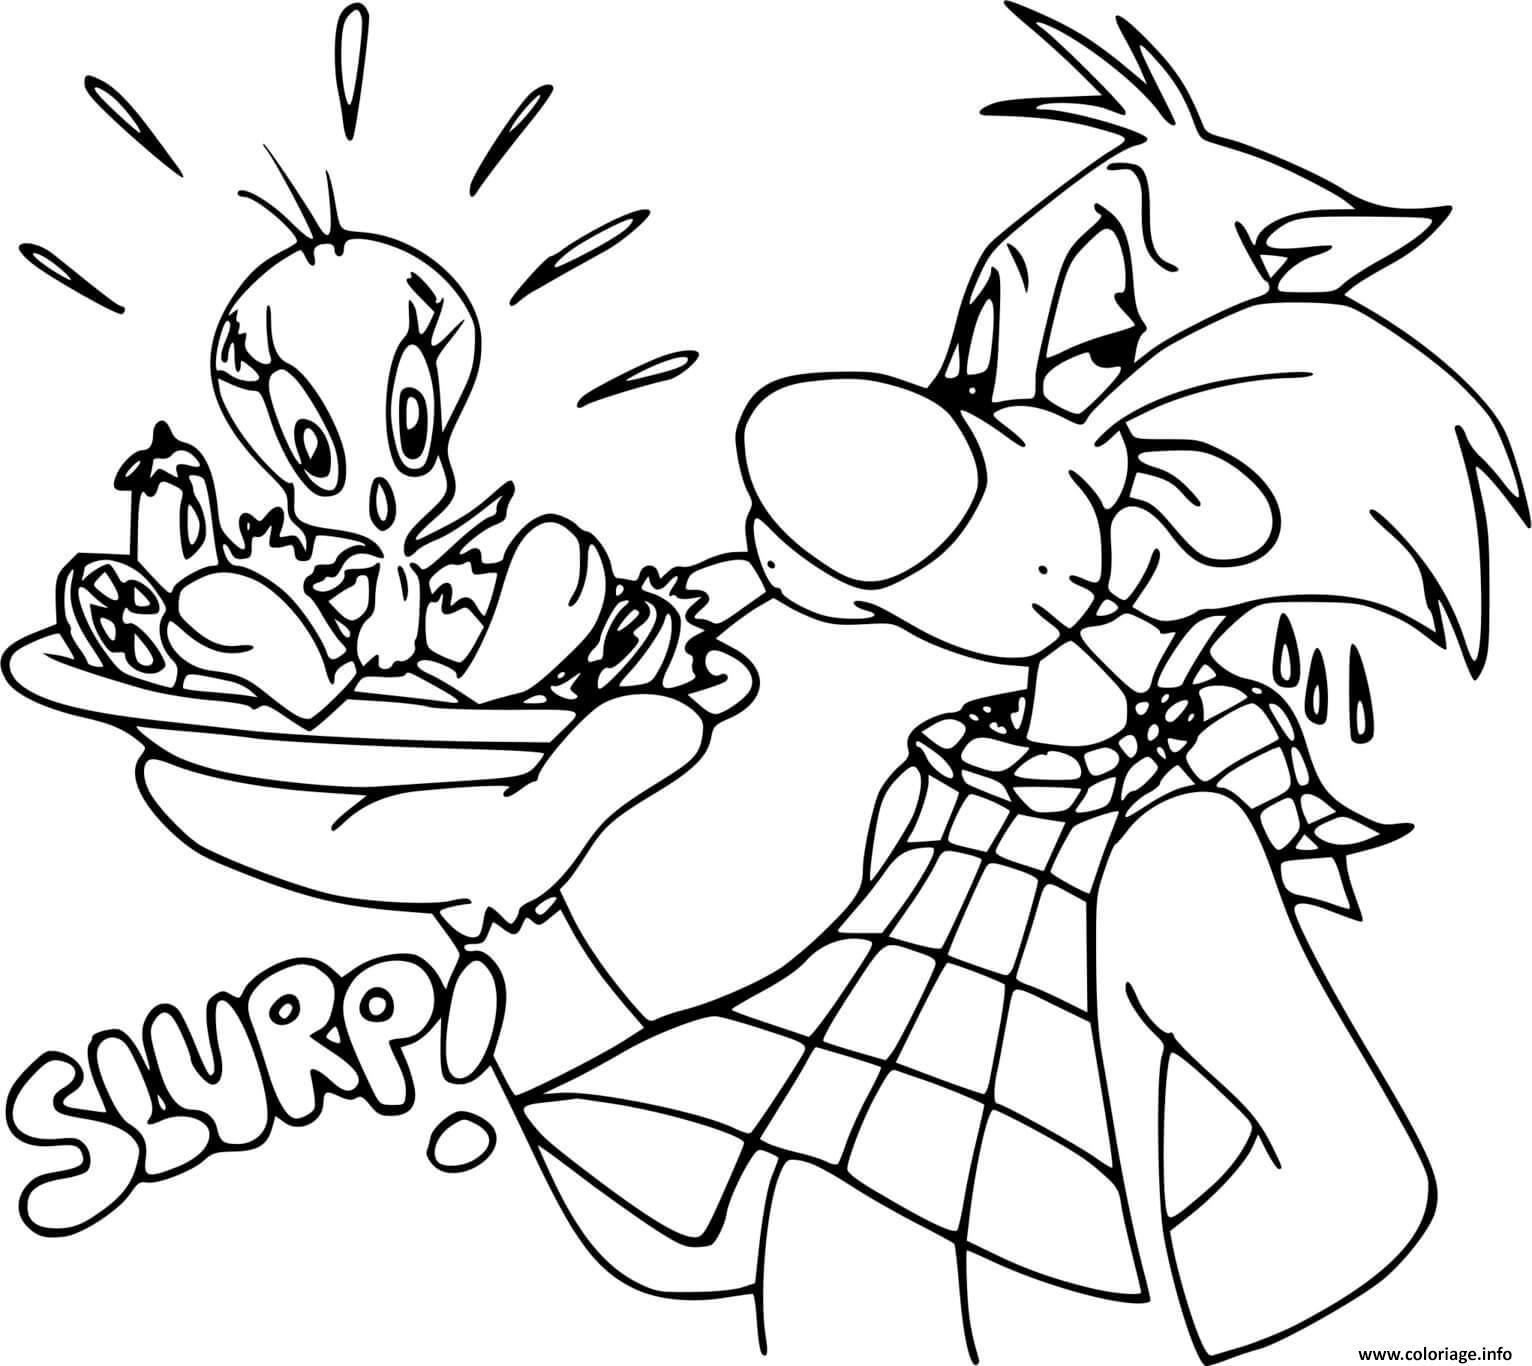 Dessin gros minet veut manger titi avec une salade Coloriage Gratuit à Imprimer